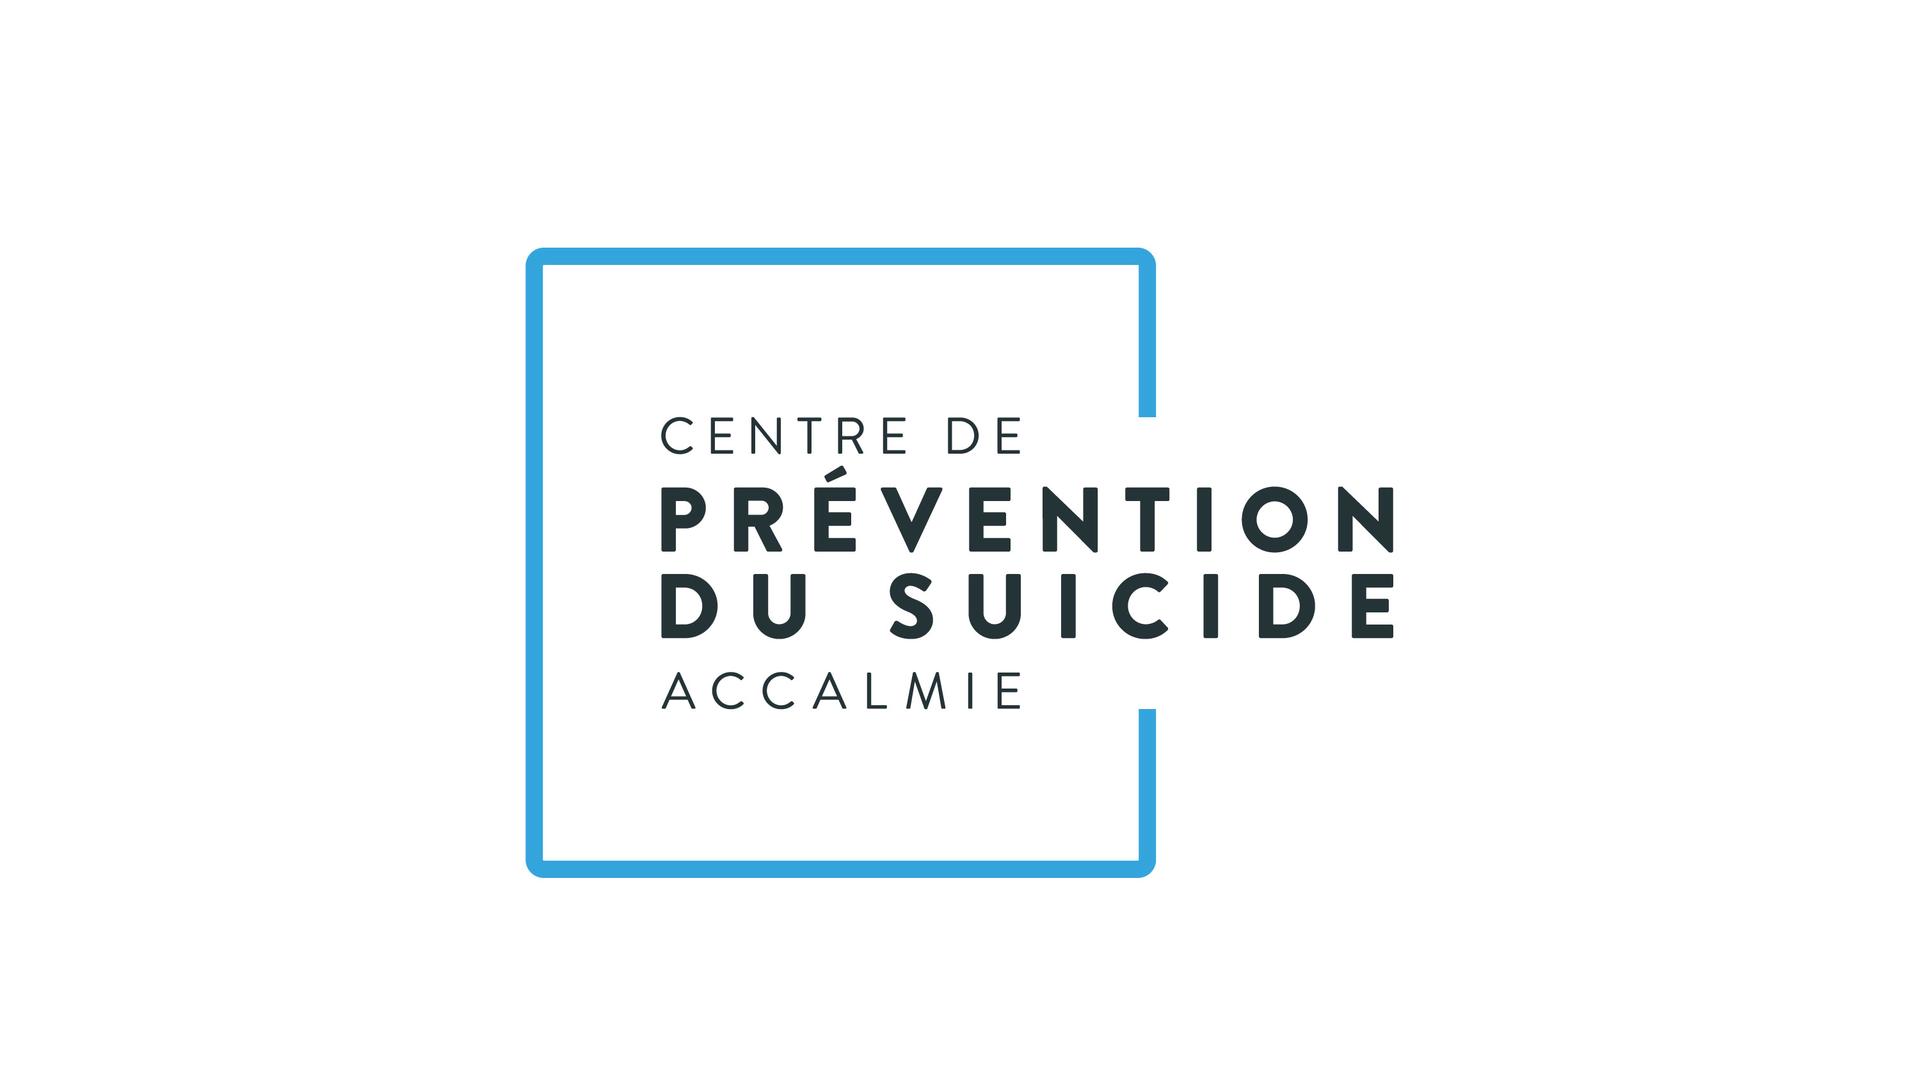 Centre de prévention du suicide : Accalmie